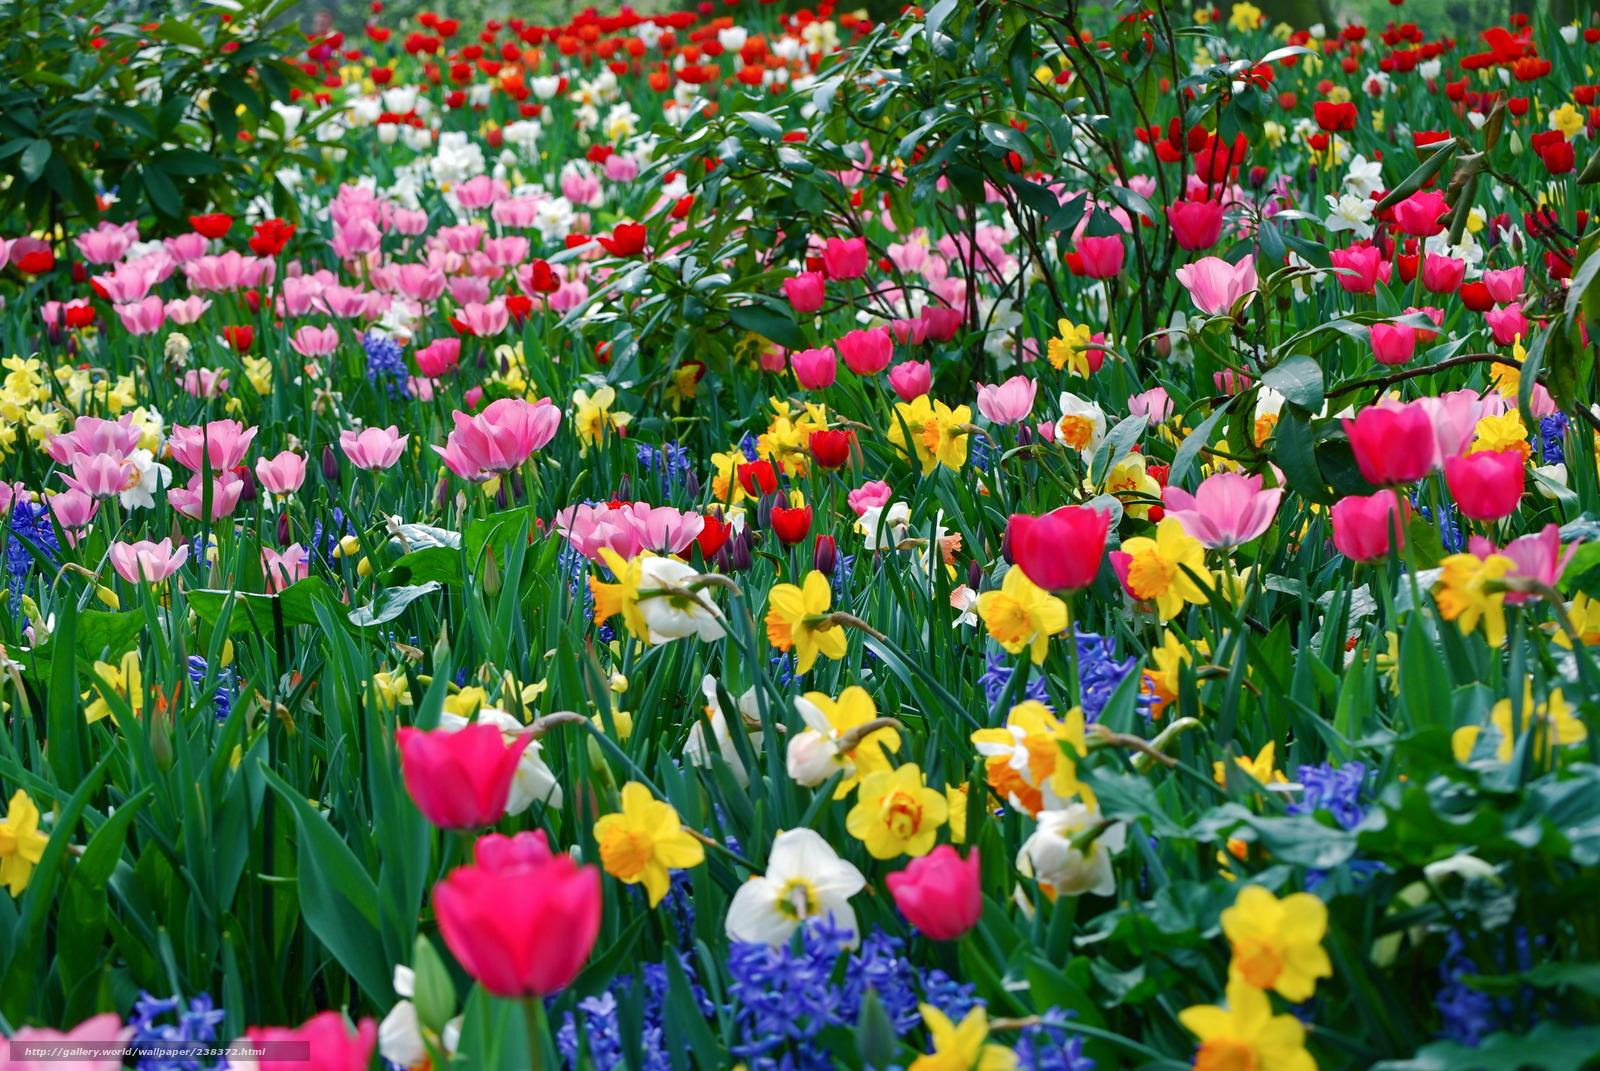 Scaricare gli sfondi fiori diverso molti primavera for Immagini gratis per desktop primavera